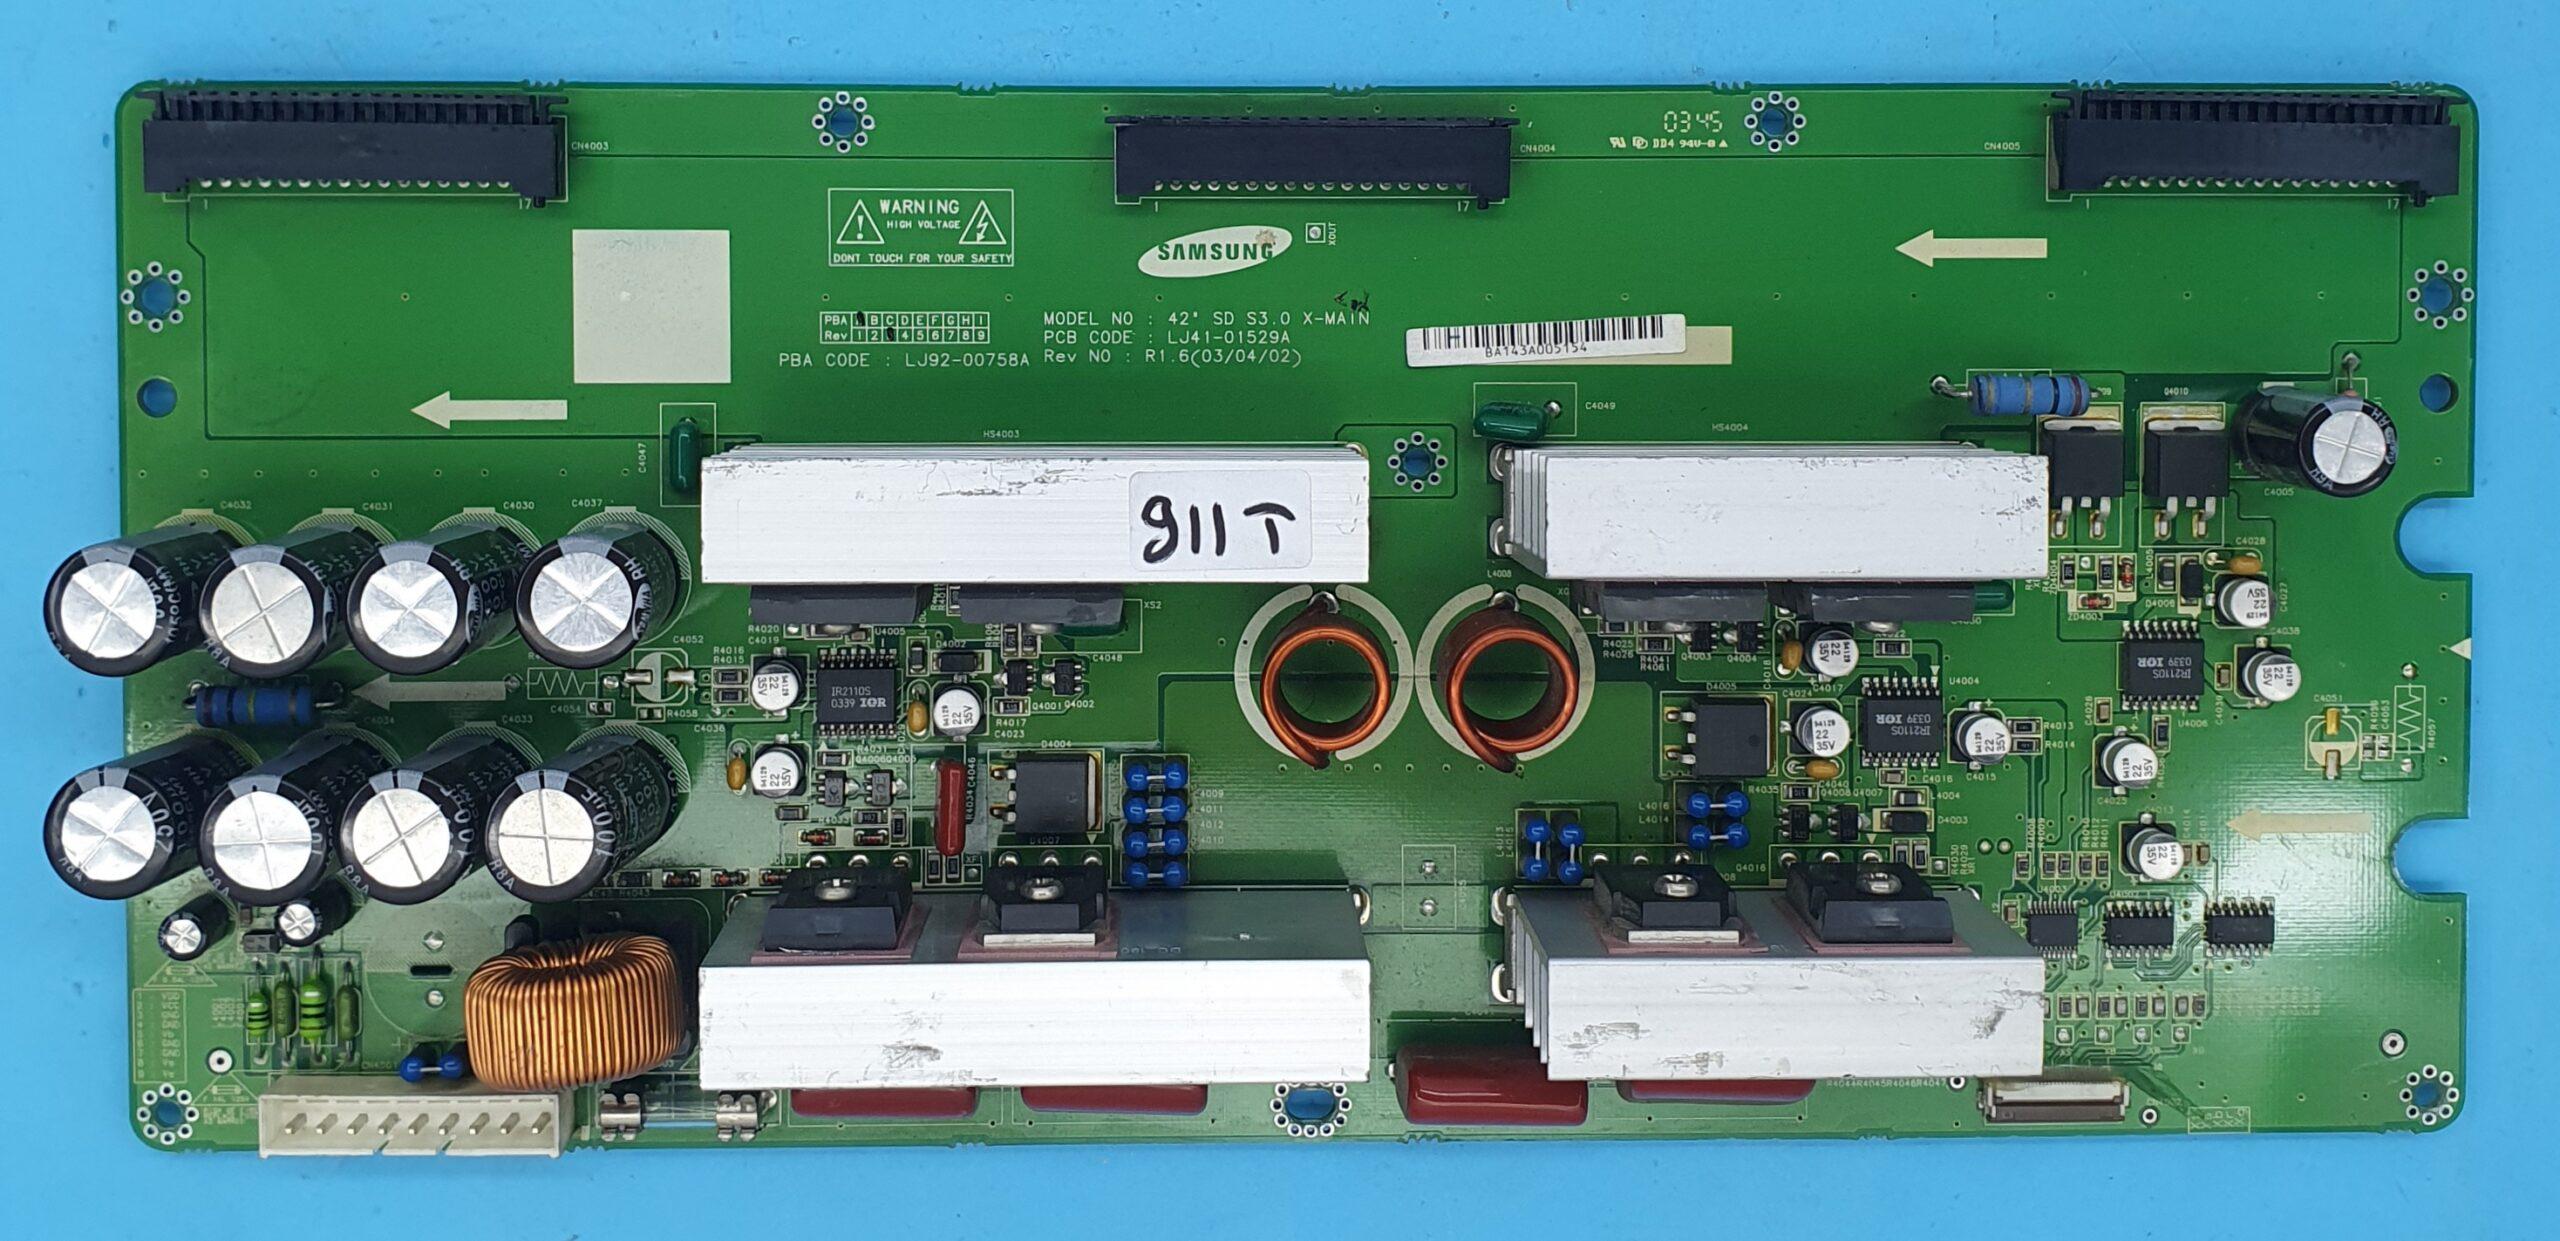 LJ41-01529A SAMSUNG X-SUS (KDV DAHİL = 150 TL)